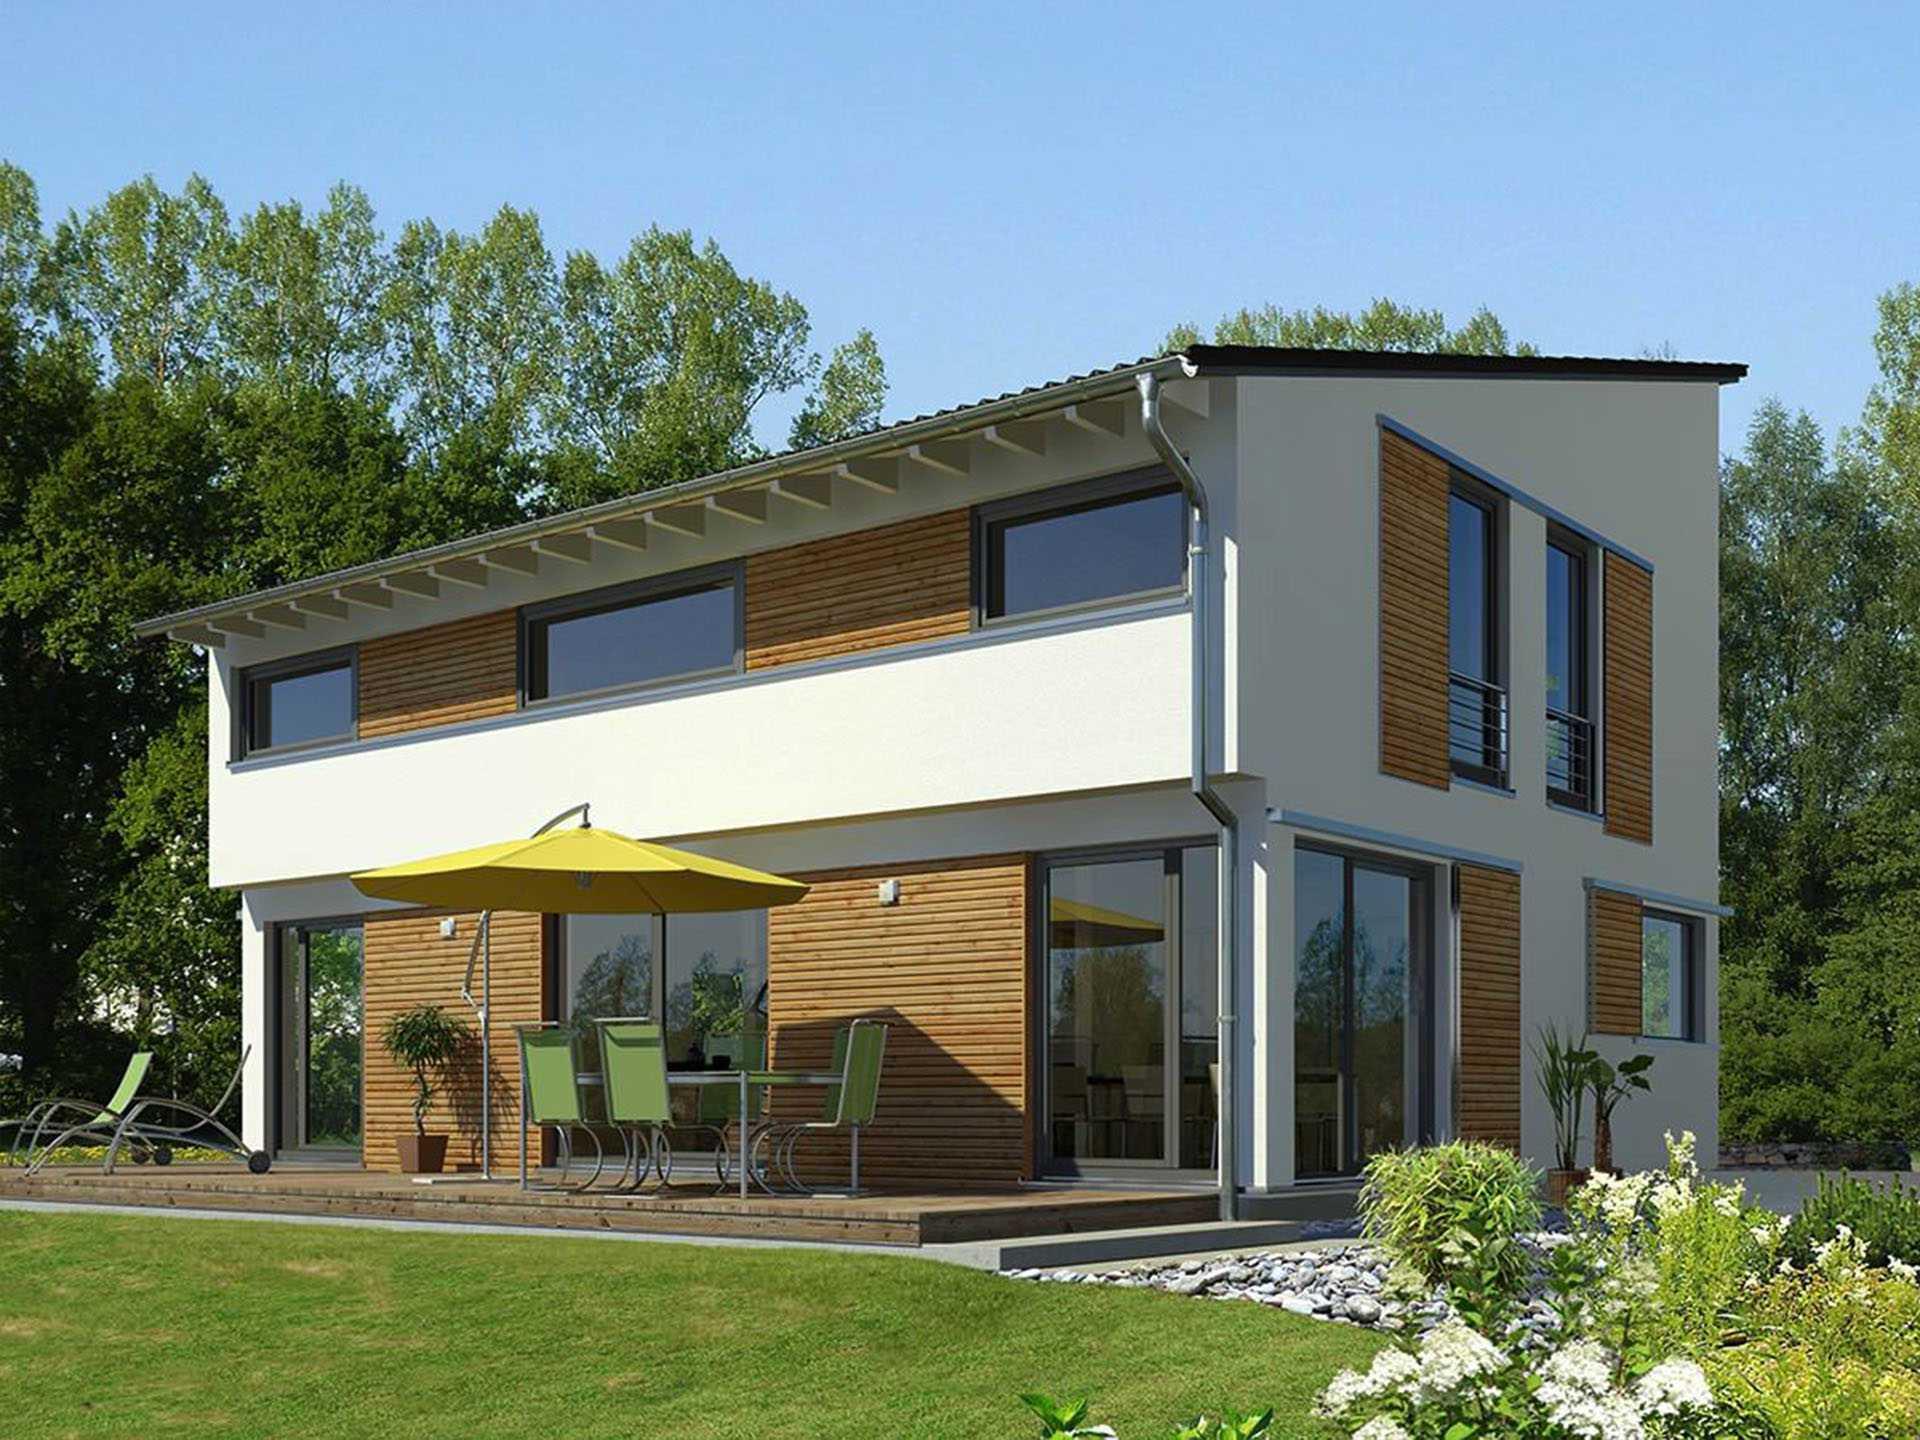 Moderne Hauser Mit Satteldach Wohnhalle Bis Unter Das Dach